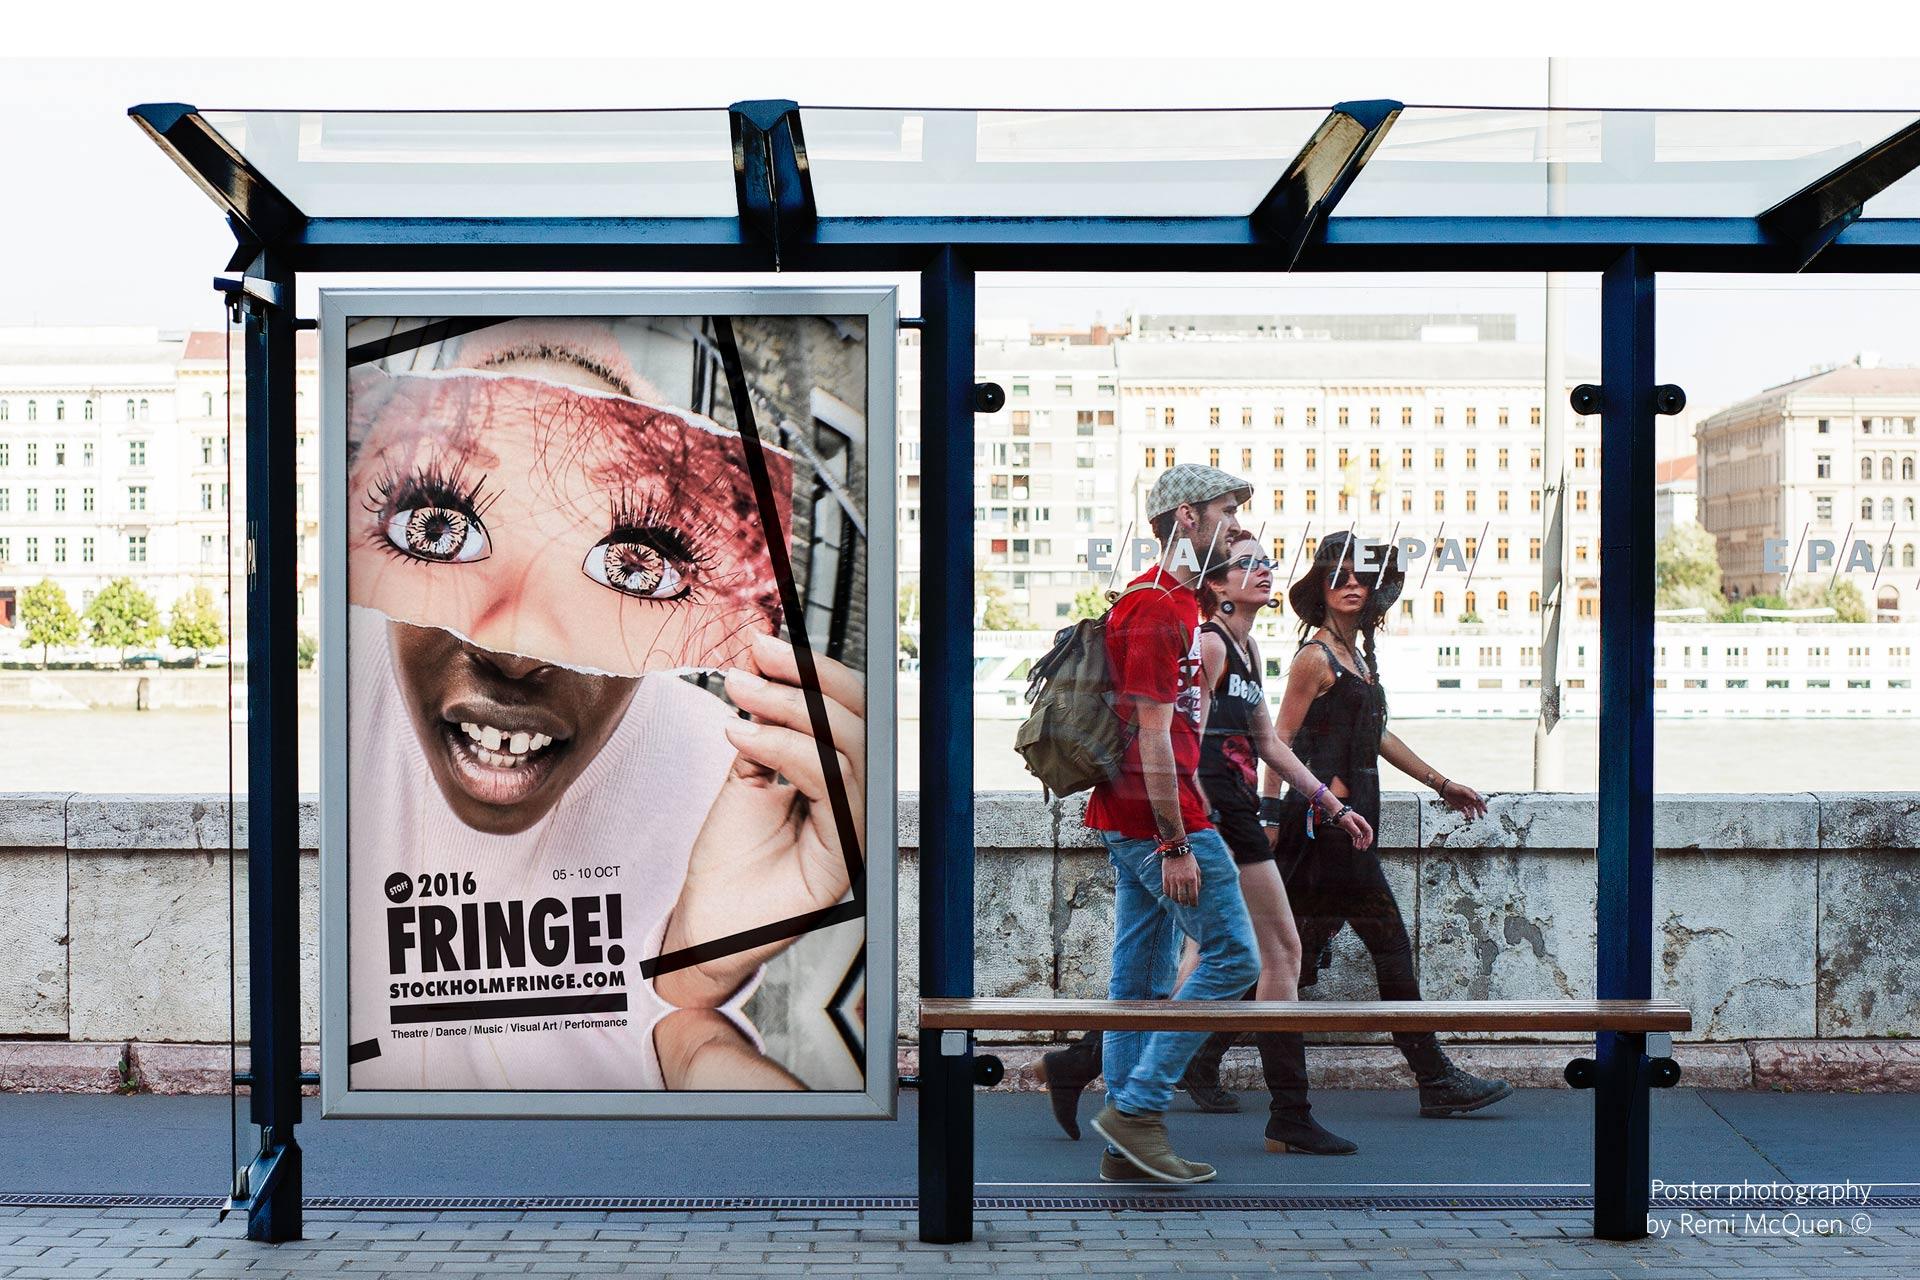 leesimmons-home-stockholm-fringe-branding-visual-identity-design.jpg